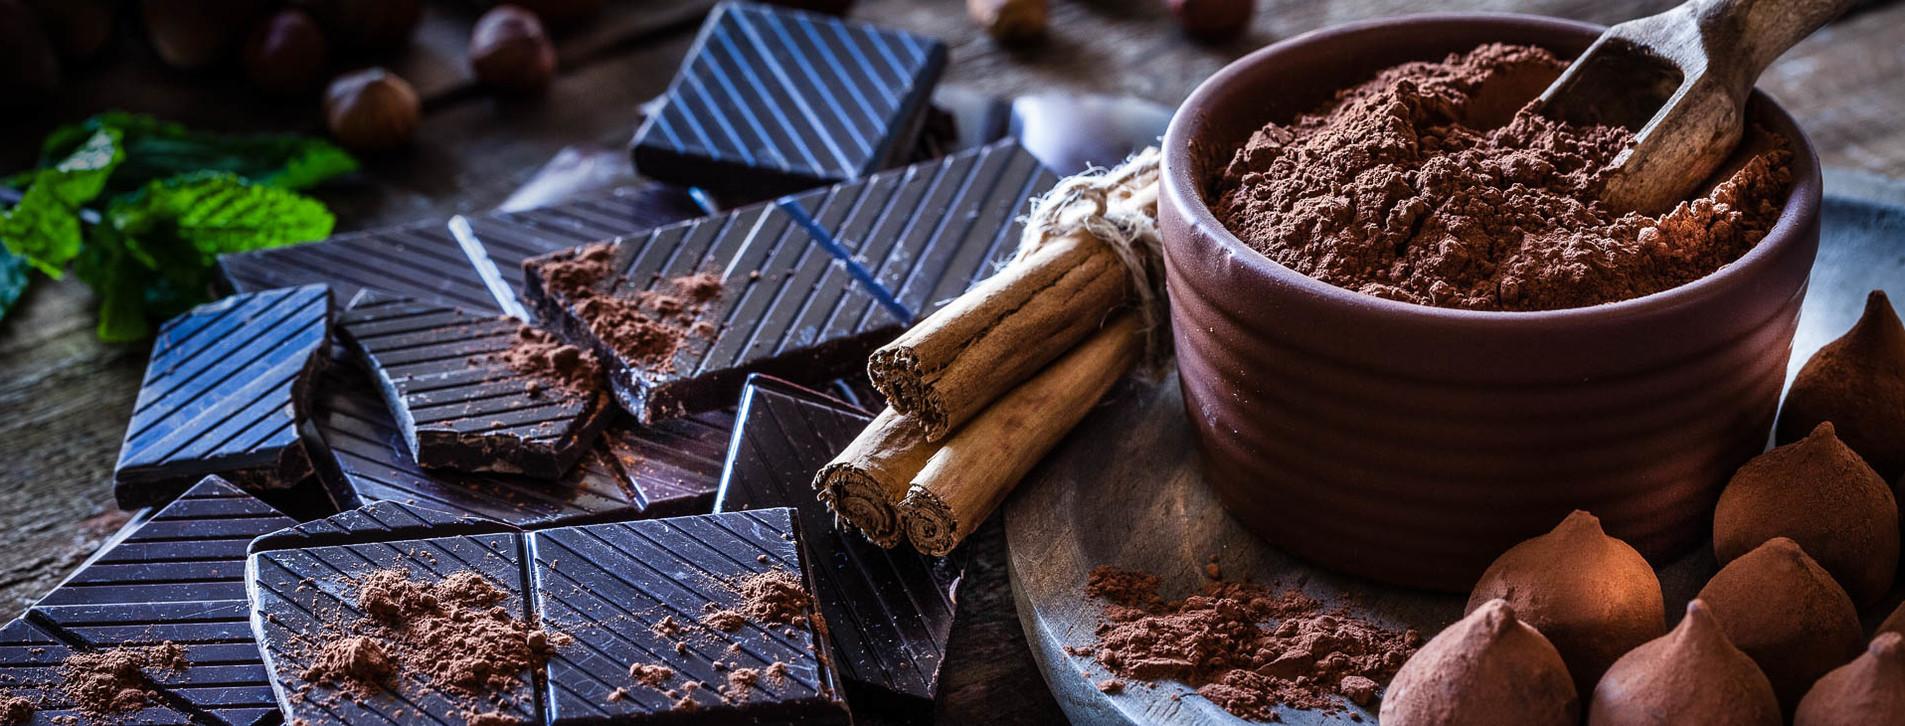 Фото 1 - VIP шоколадный мастер-класс